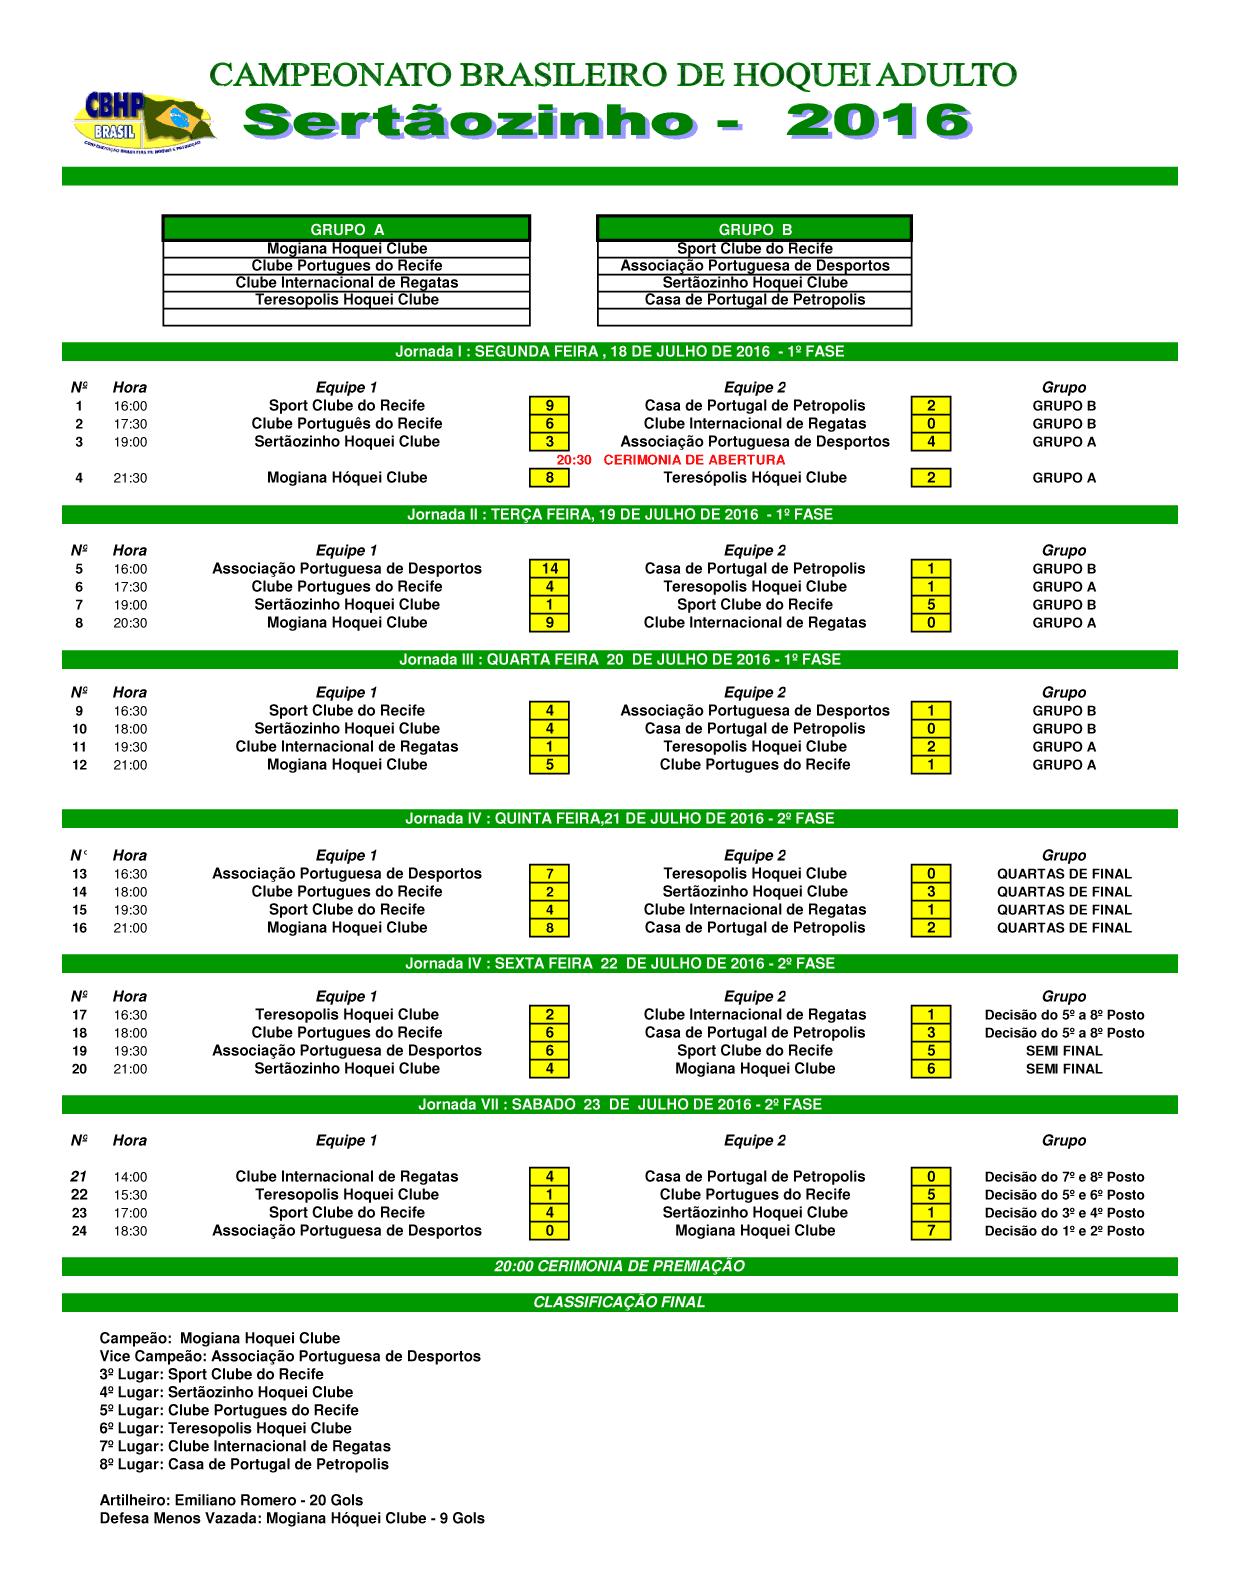 HSP-Brasileir-2016-final